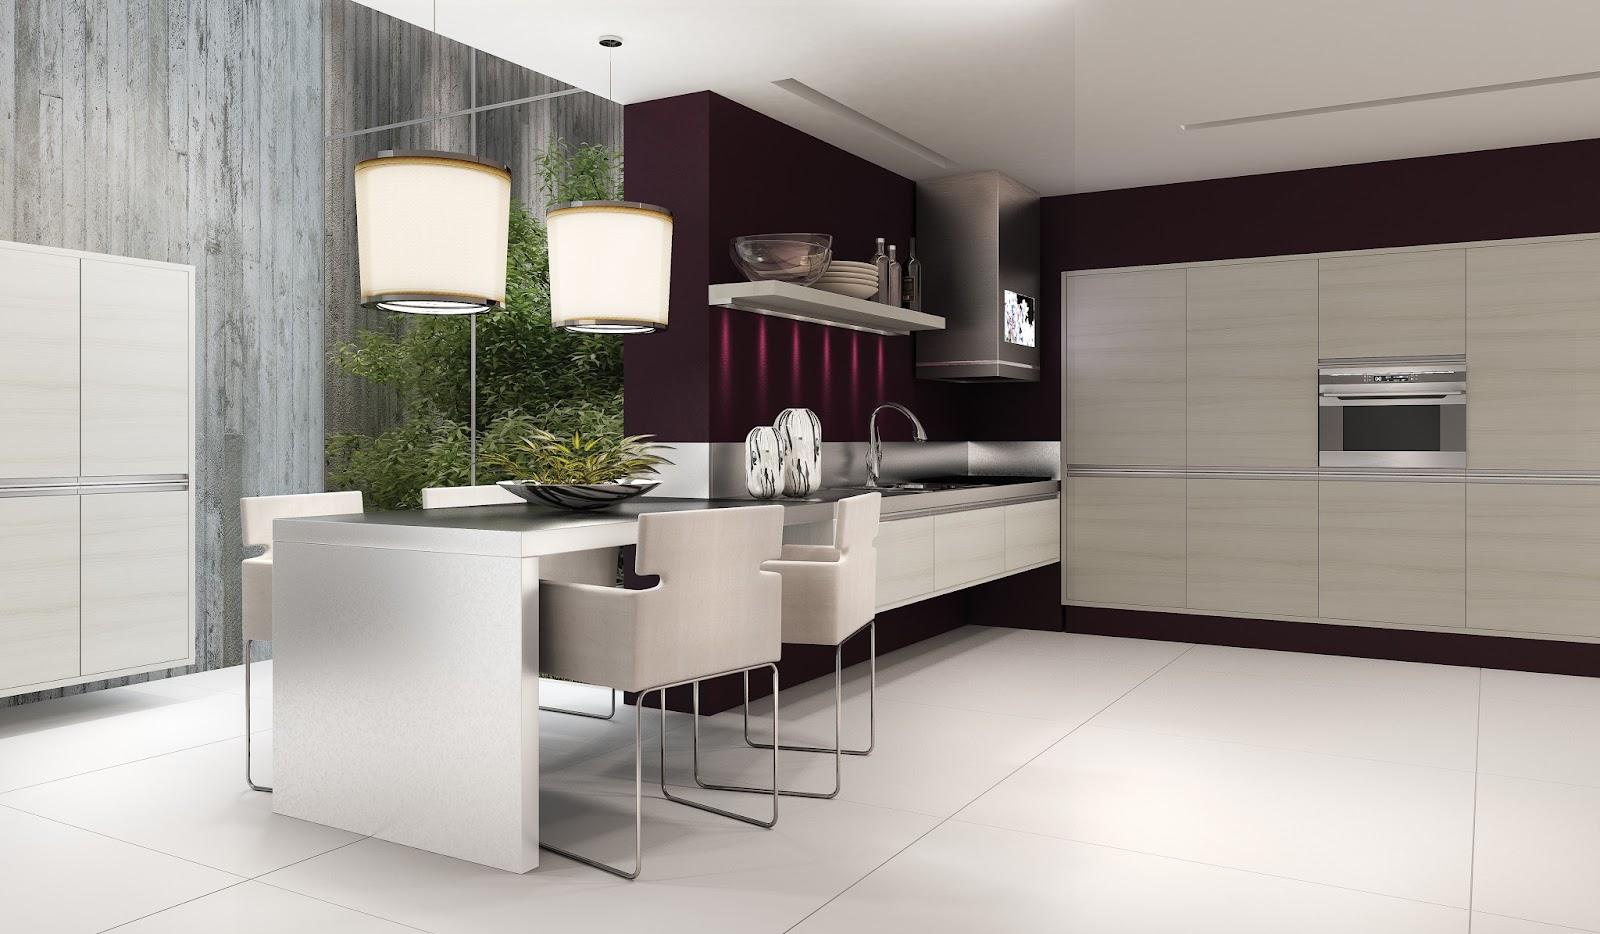 Design e Elegância em Cozinhas Planejadas Bella Kaza Móveis  #505936 1600 934